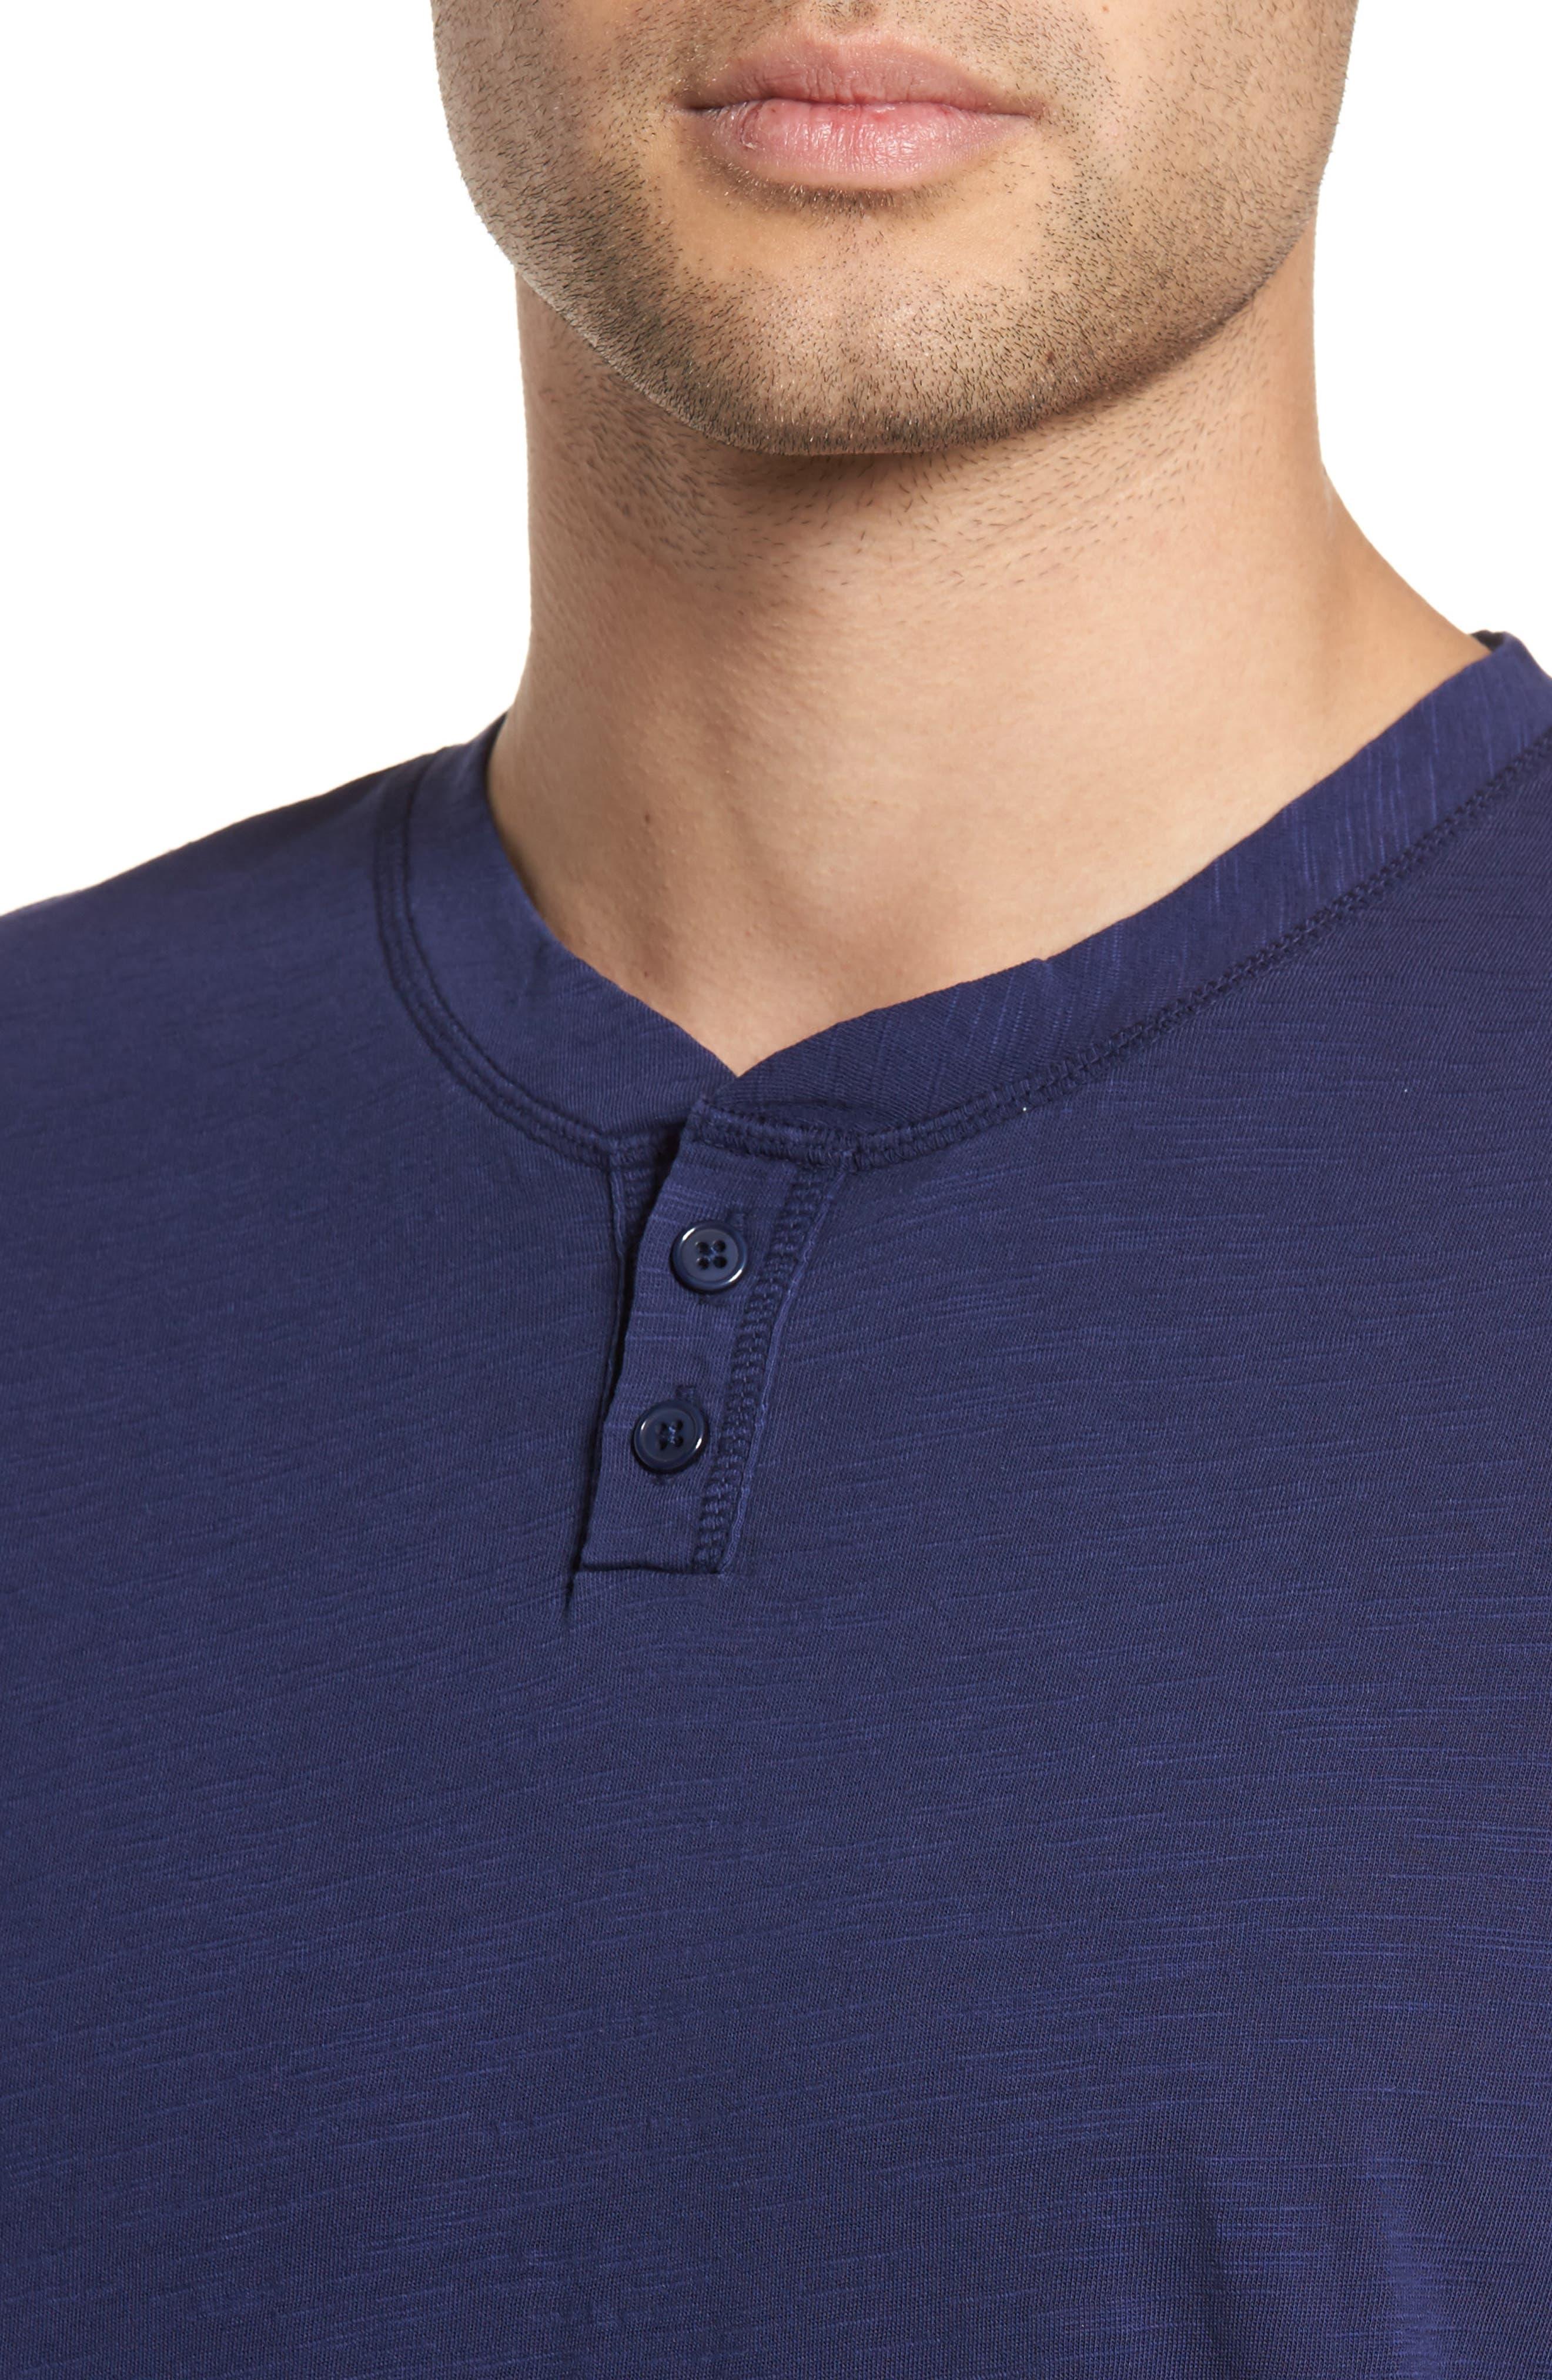 Garment Dye Slub Knit Henley,                             Alternate thumbnail 19, color,